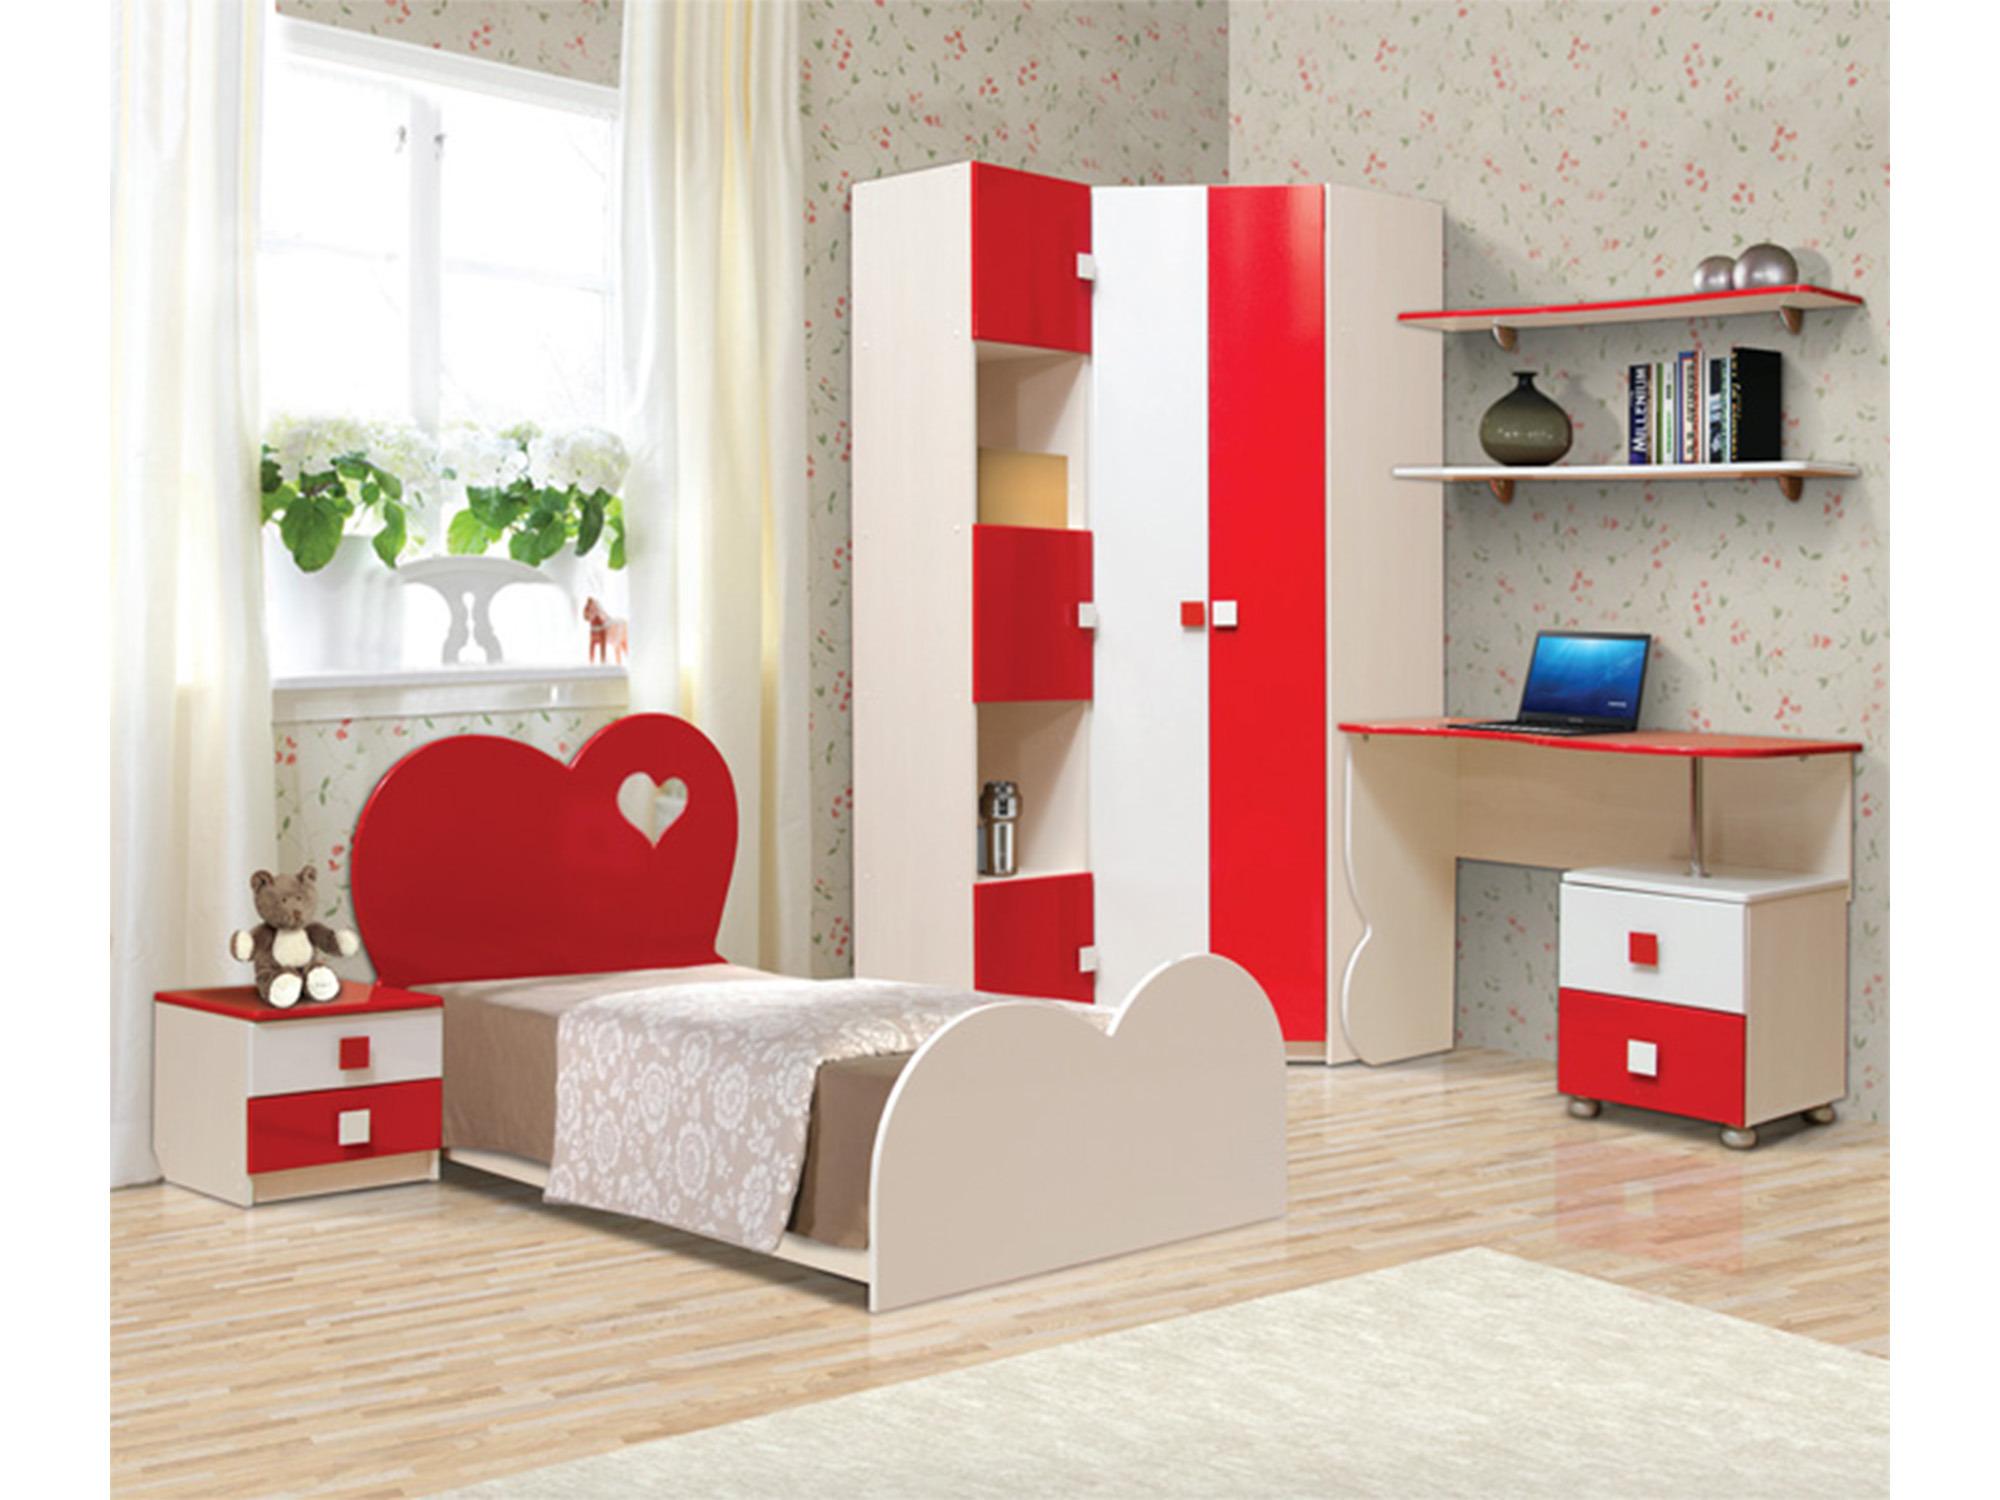 Спальный набор Кокетка-2Детские комнаты<br><br><br>Длина мм: 3565<br>Высота мм: 2200<br>Глубина мм: 1950